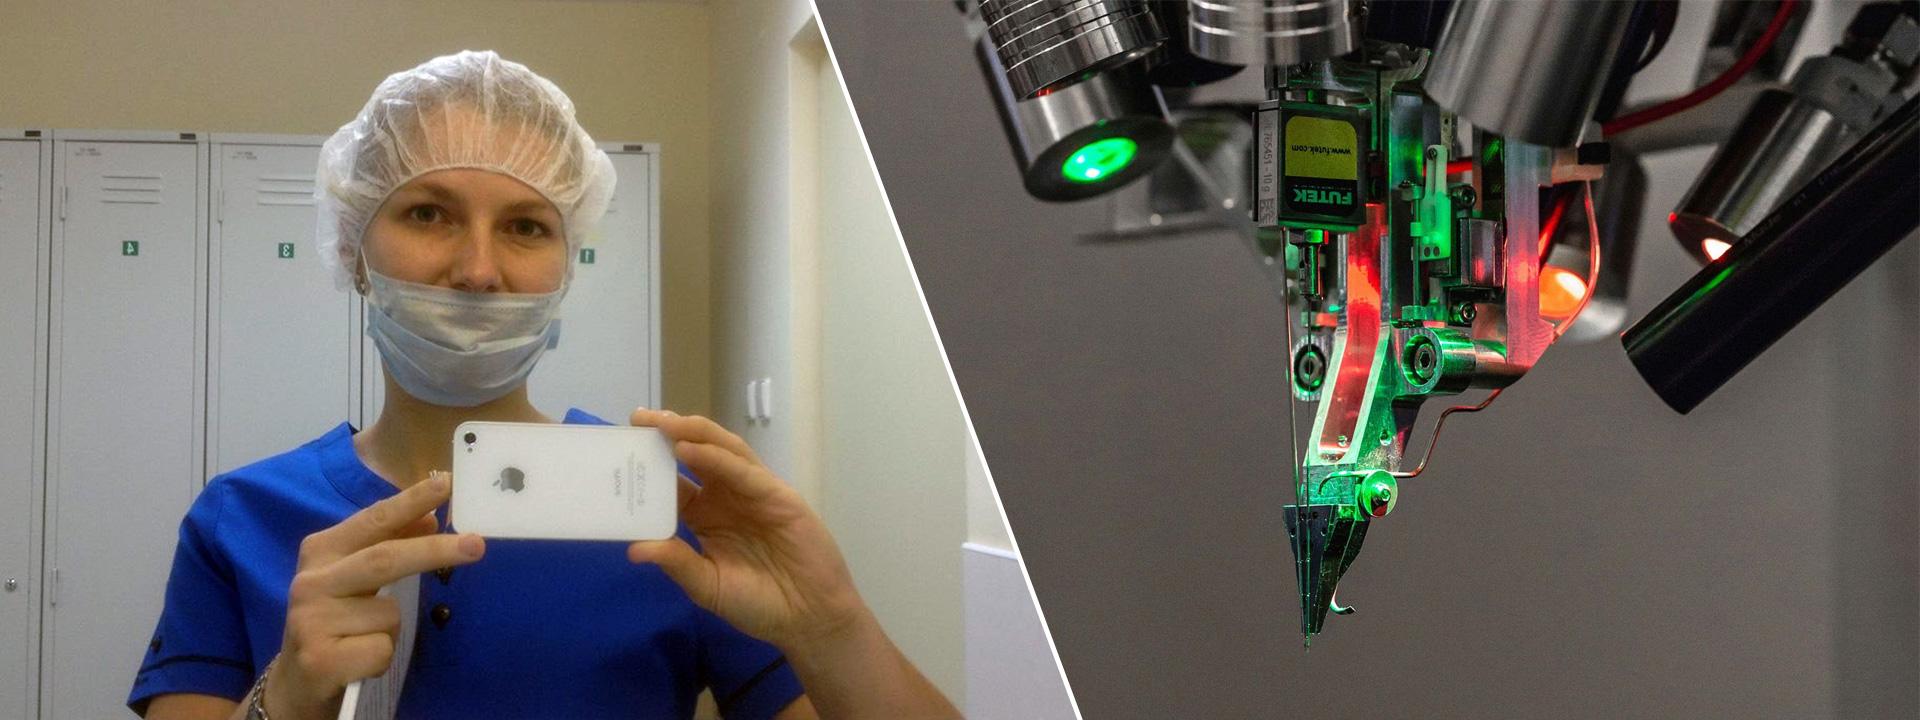 Нейрофизиолог рассуждает о проекте Neuralink и рассказывает о работе мозга «на пальцах»